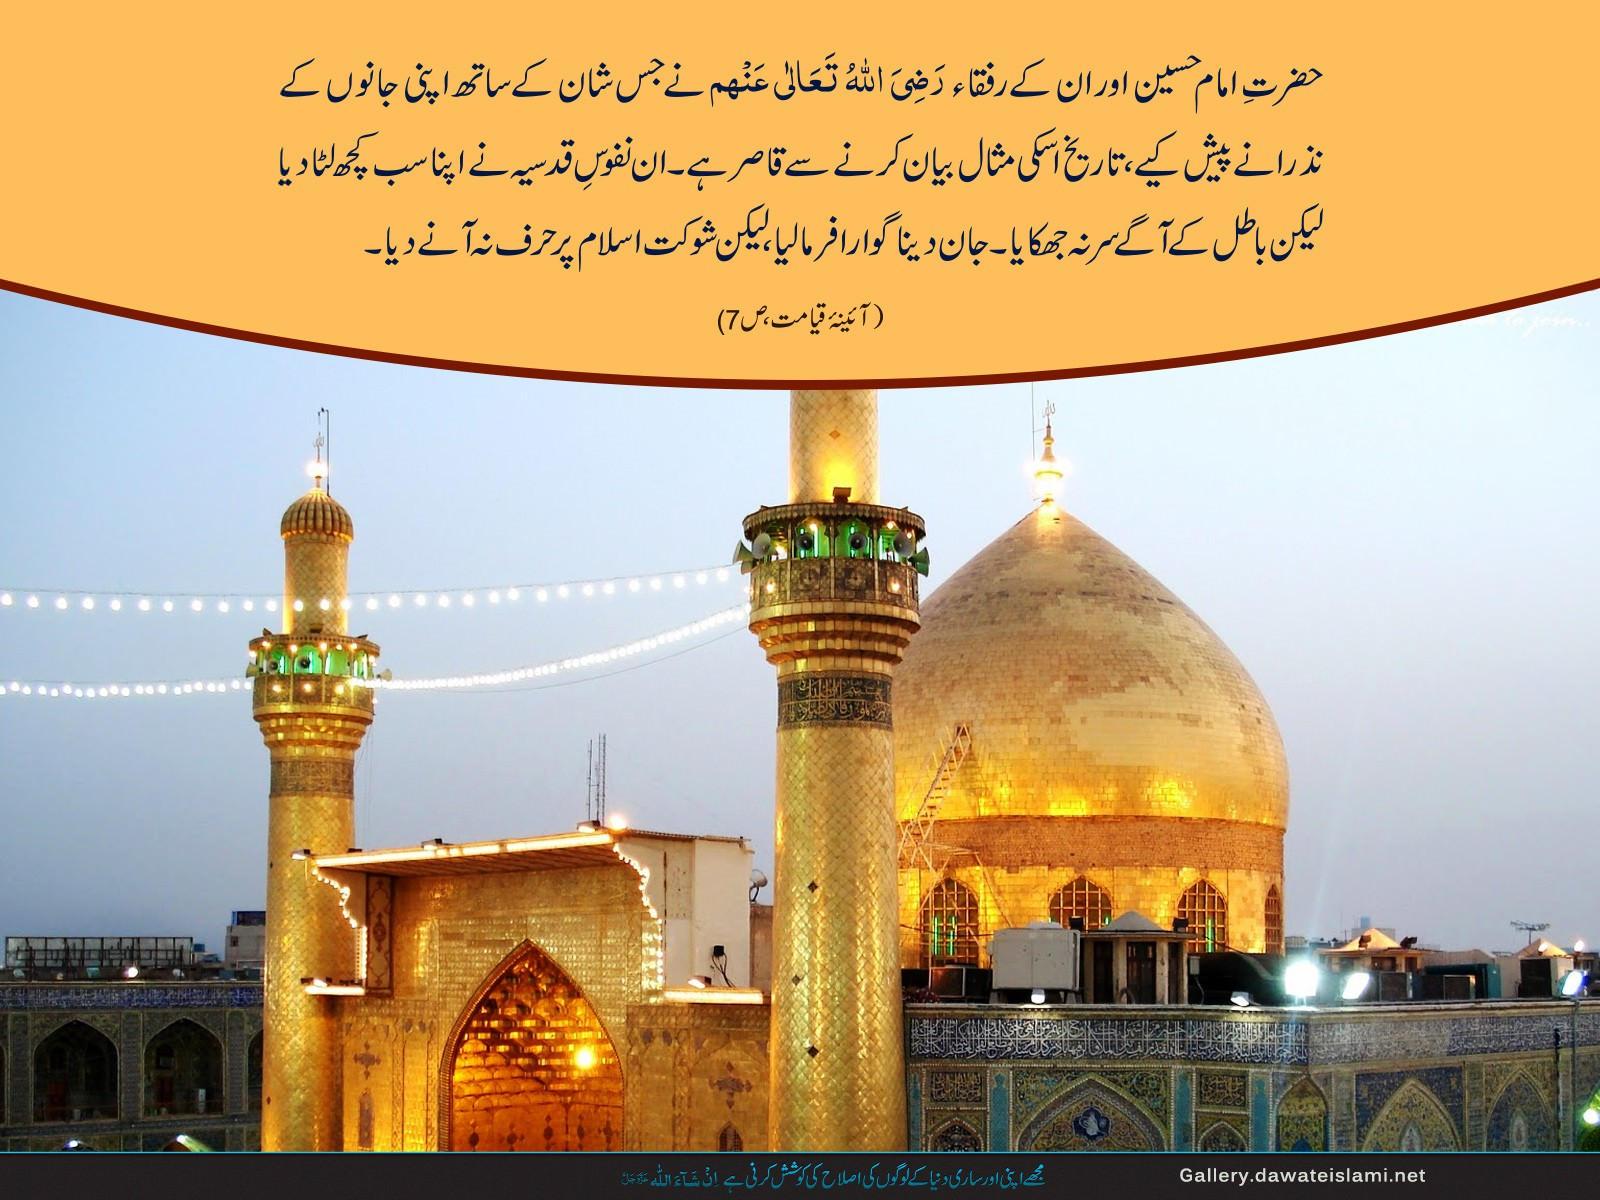 Shokat e islam per fark na anay diya- Muharram Wallpaper